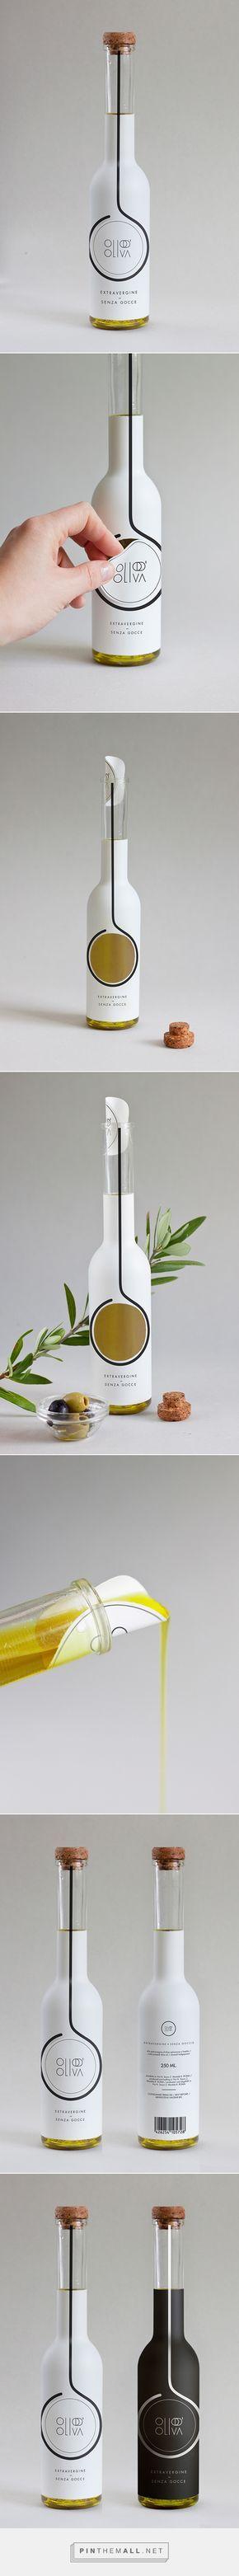 Embalagem inteligente da OLIO D'OLIVA traz no próprio rótulo uma maneira criativa de se servir do produto.